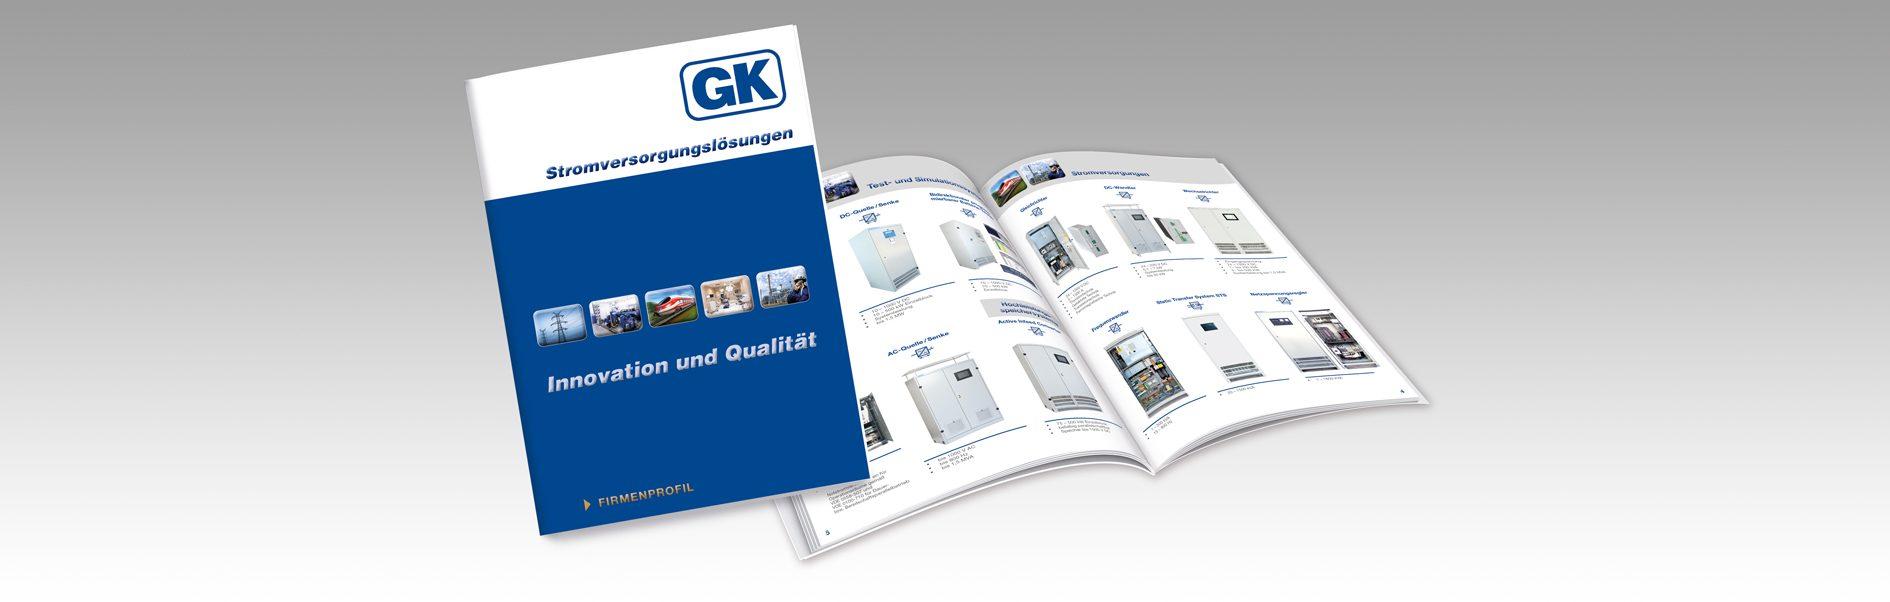 Hier ist das neue Firmenprofil unseres Kunden Gustav Klein abgebildet.